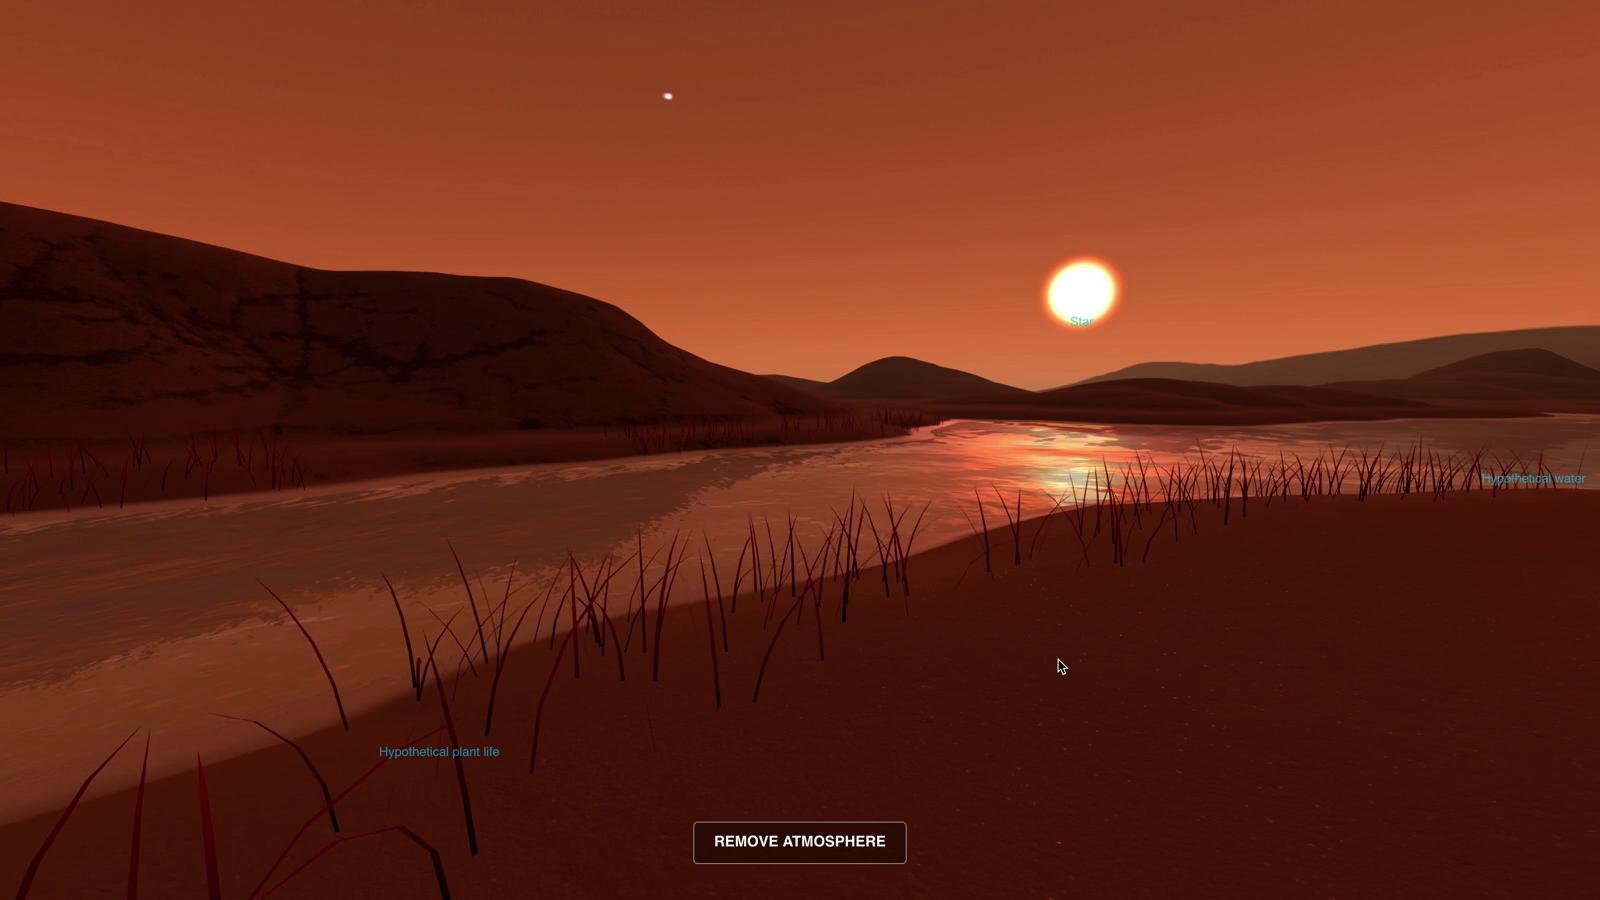 НАСА разработало интерактивную визуализацию нескольких экзопланет - 1